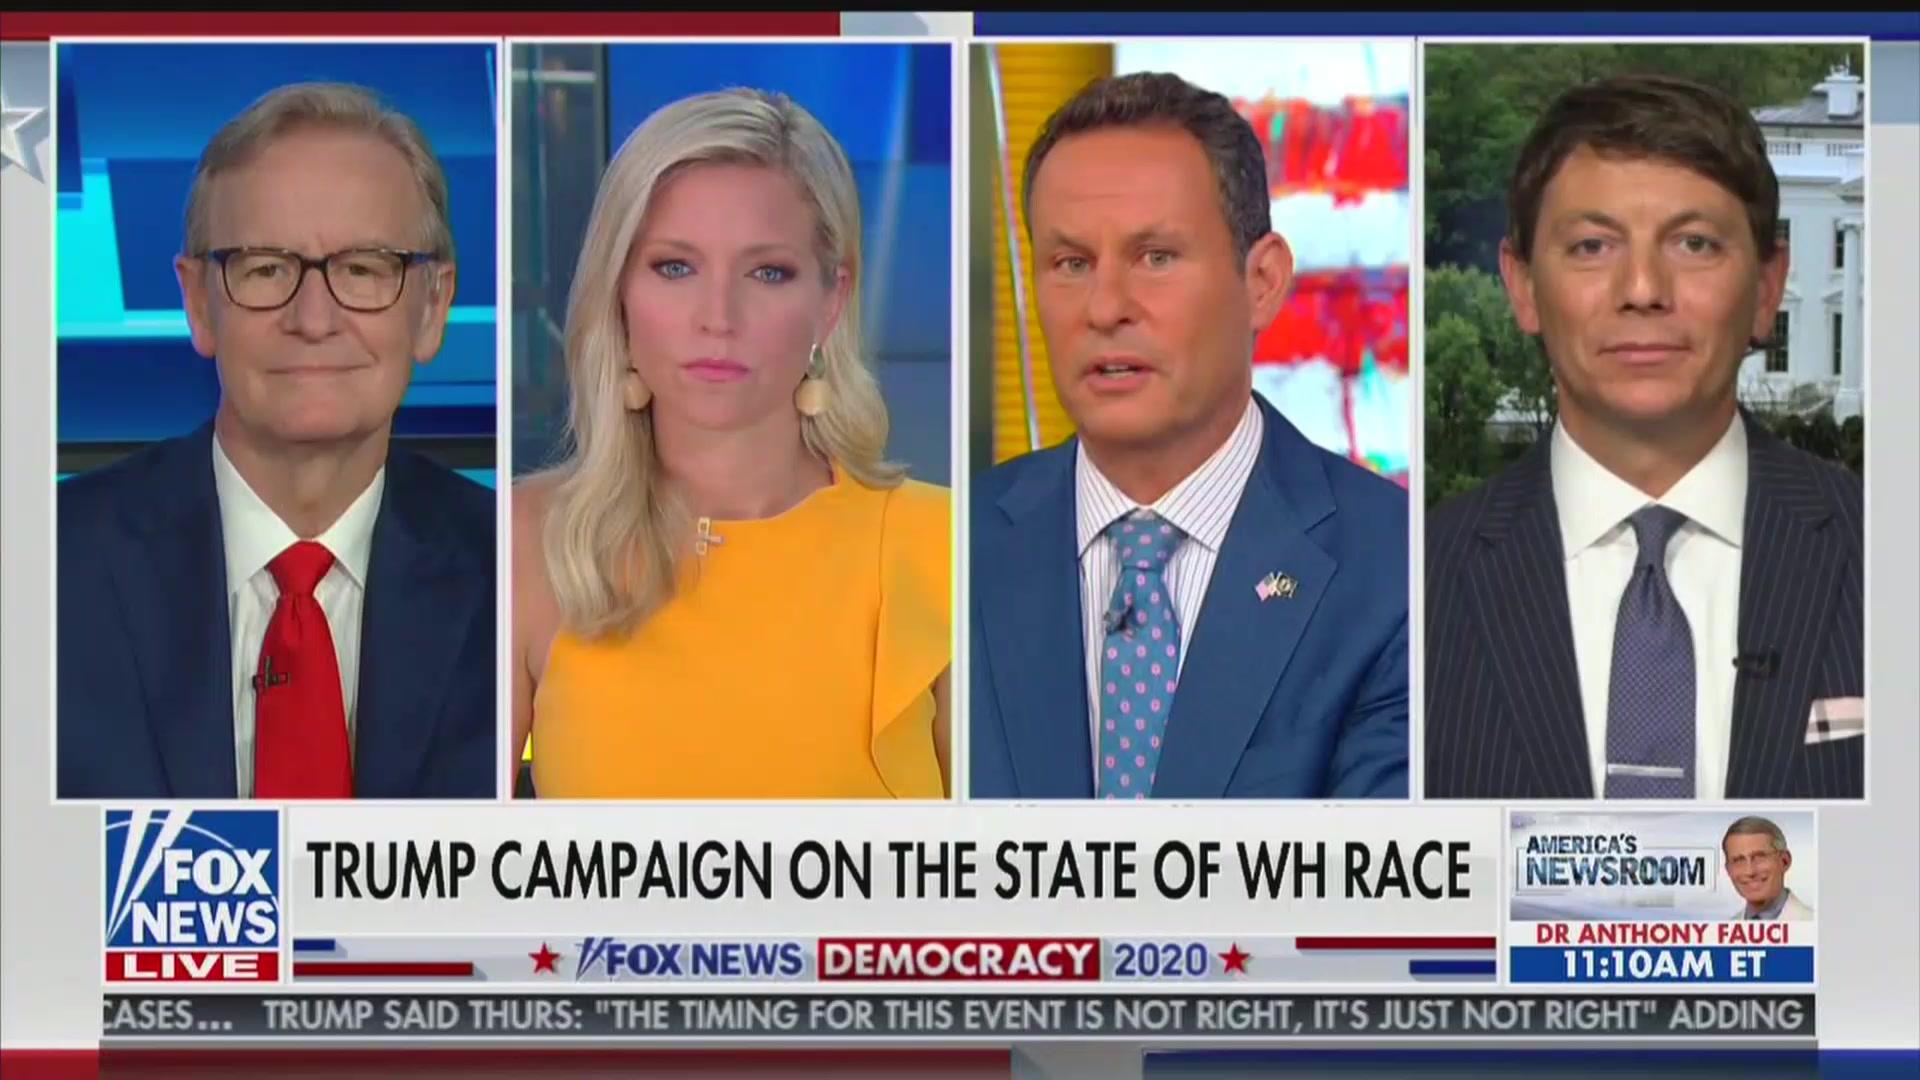 Fox & Friends' Brian Kilmeade Rebukes Trump Spox: 'Don't Call the Fox News Pollsters Fake'